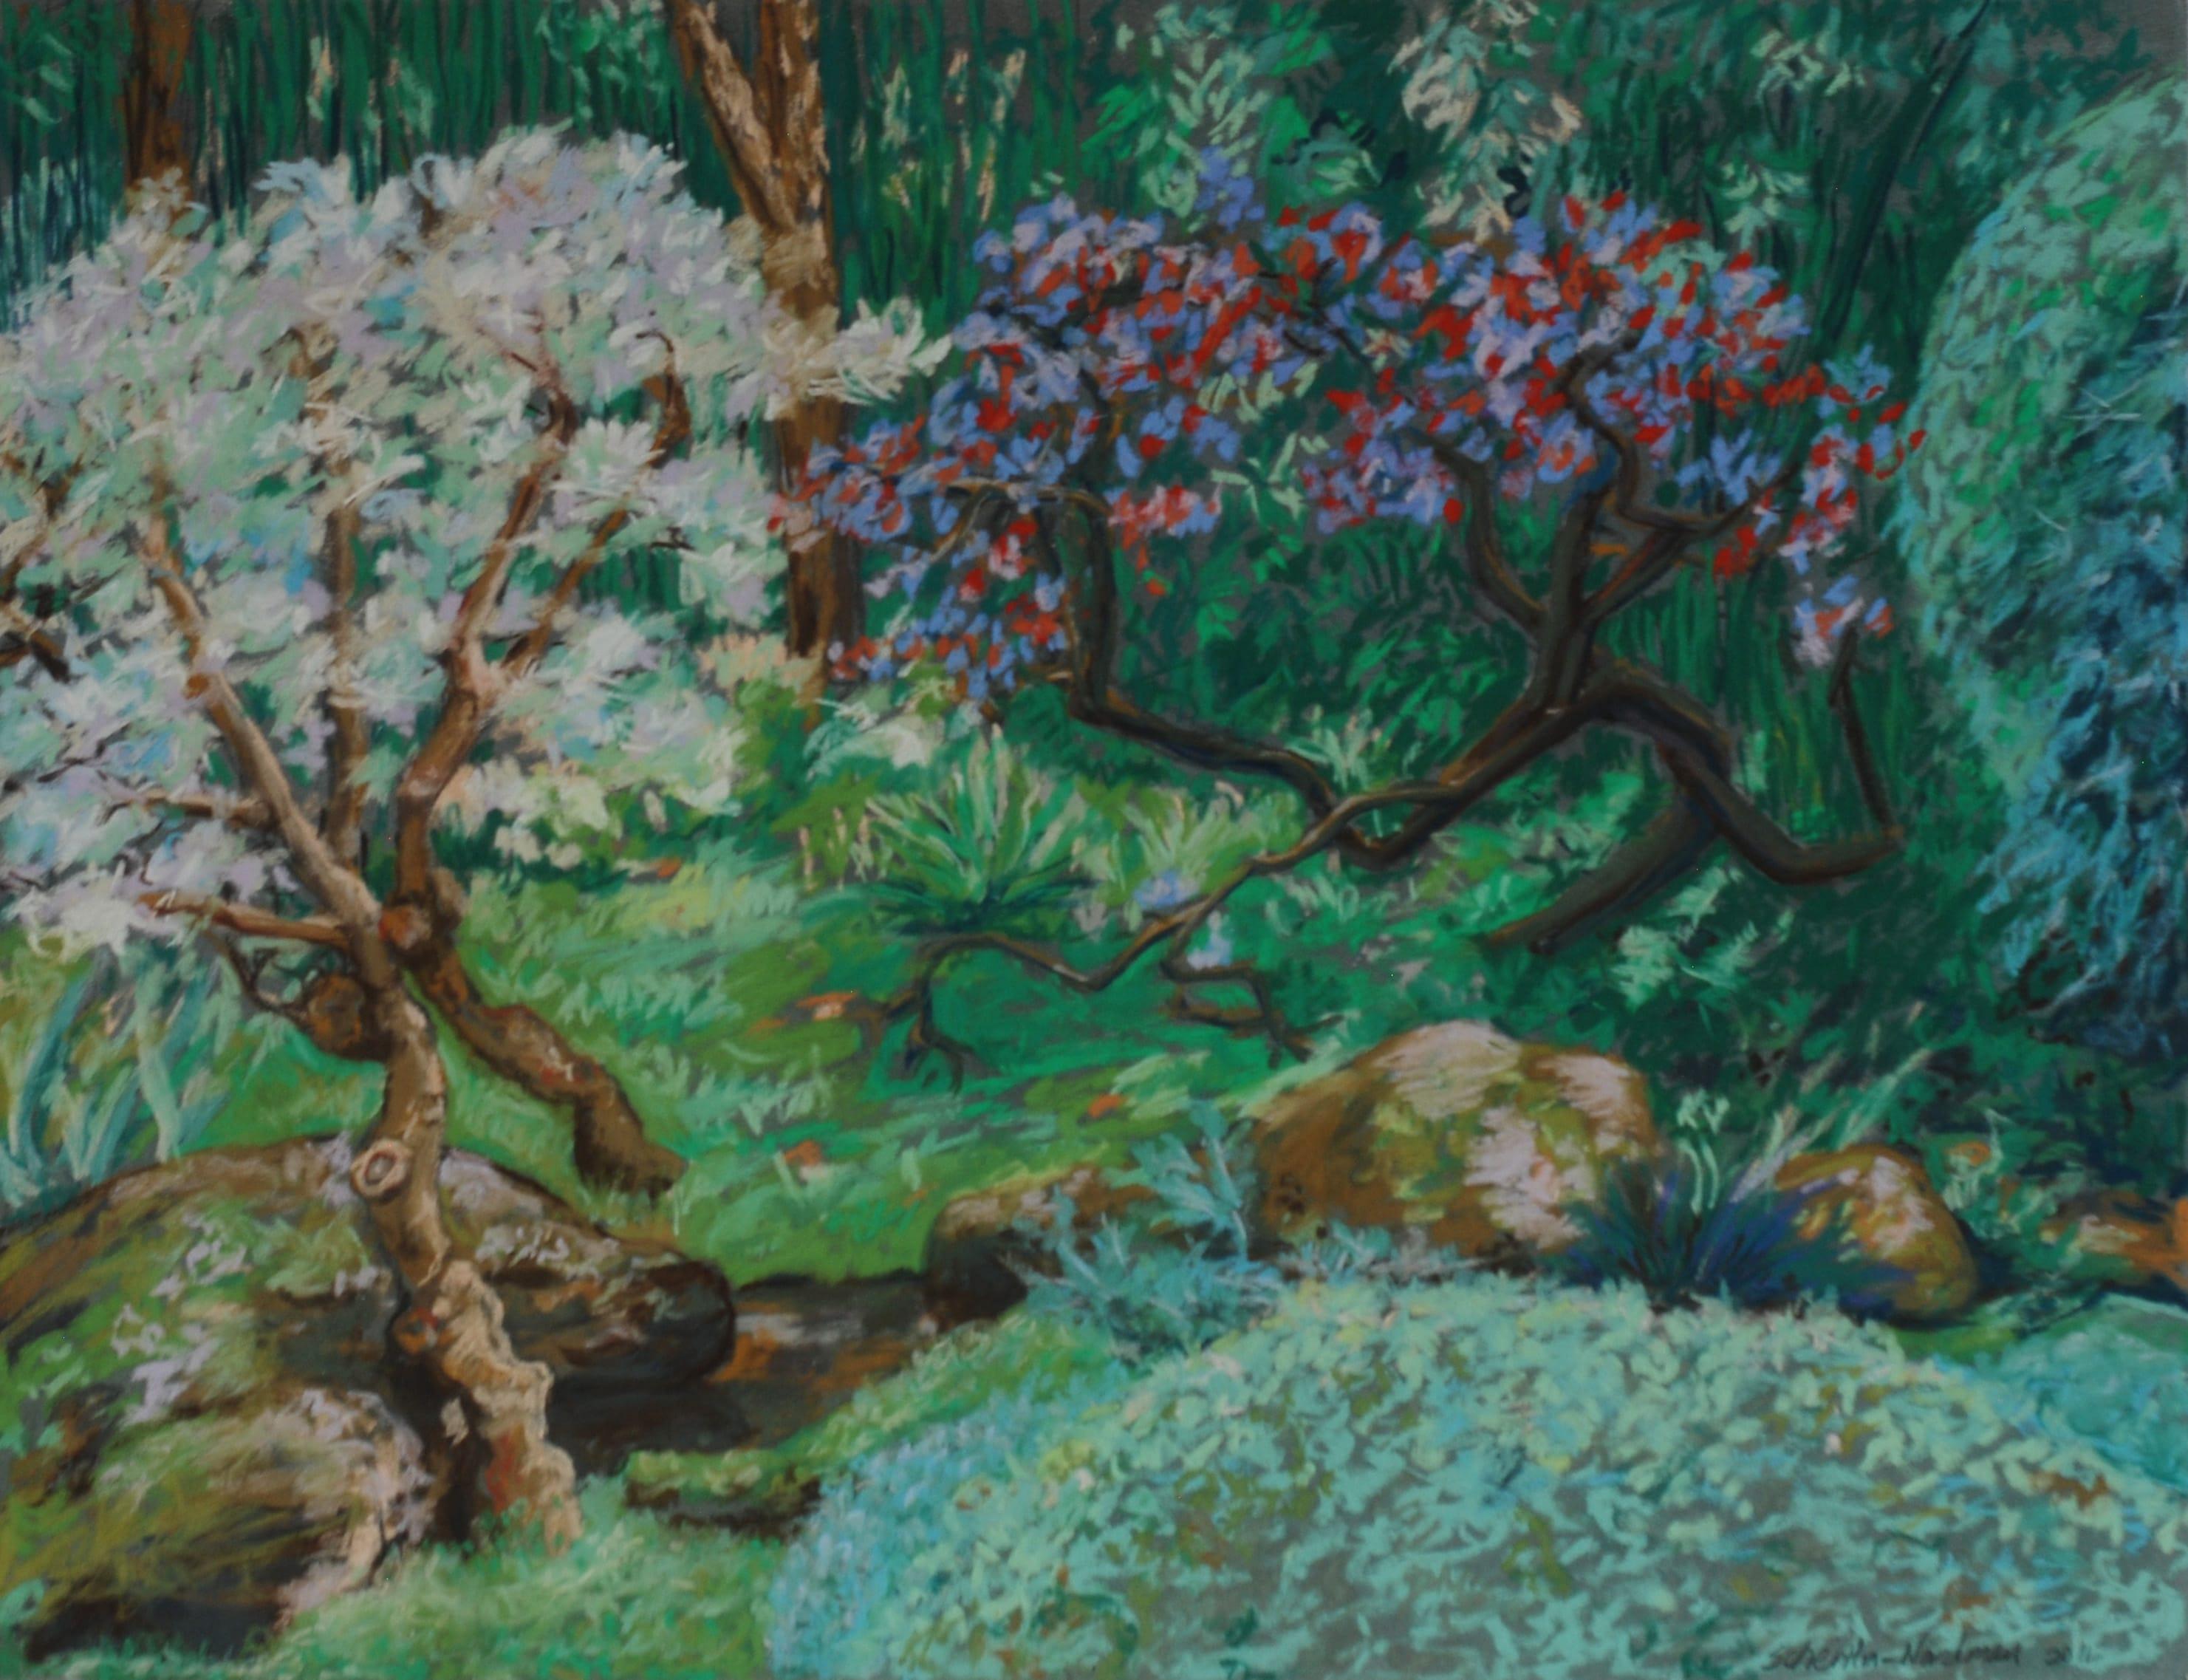 Le Jardin d'Albert Kahn, 2011, 50x65cm